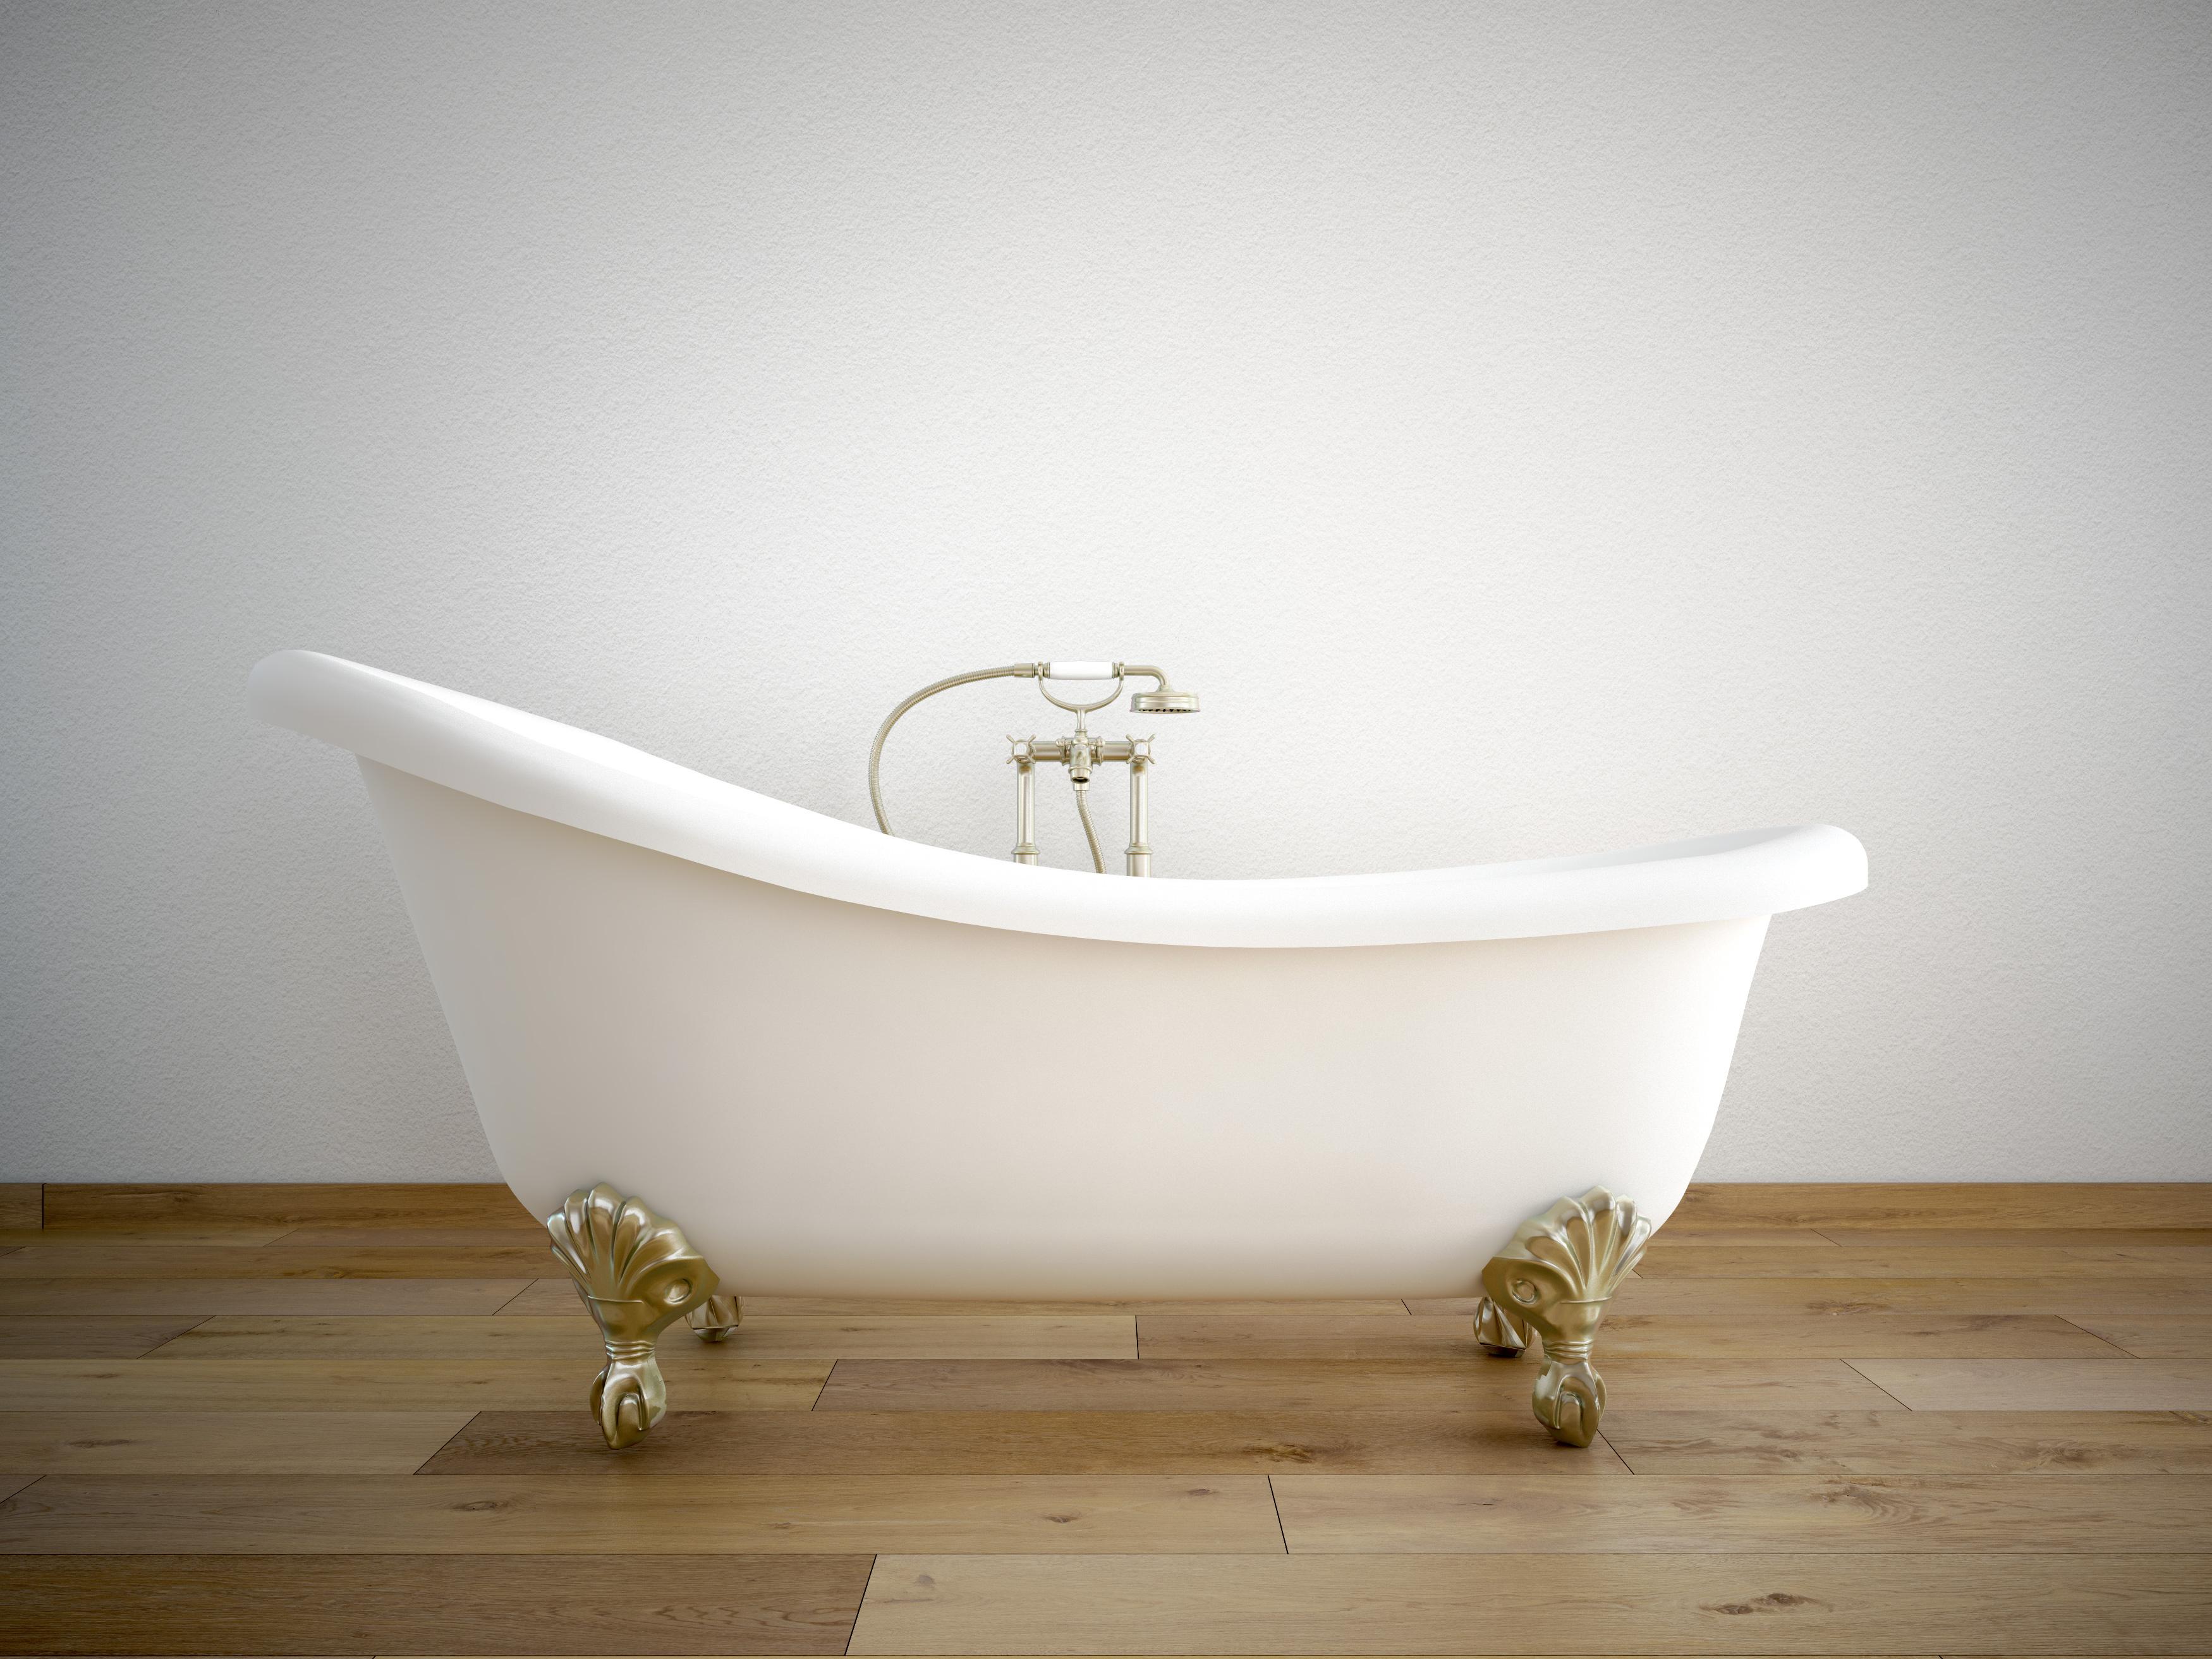 Badewanne auf Parkett Landhausdielen